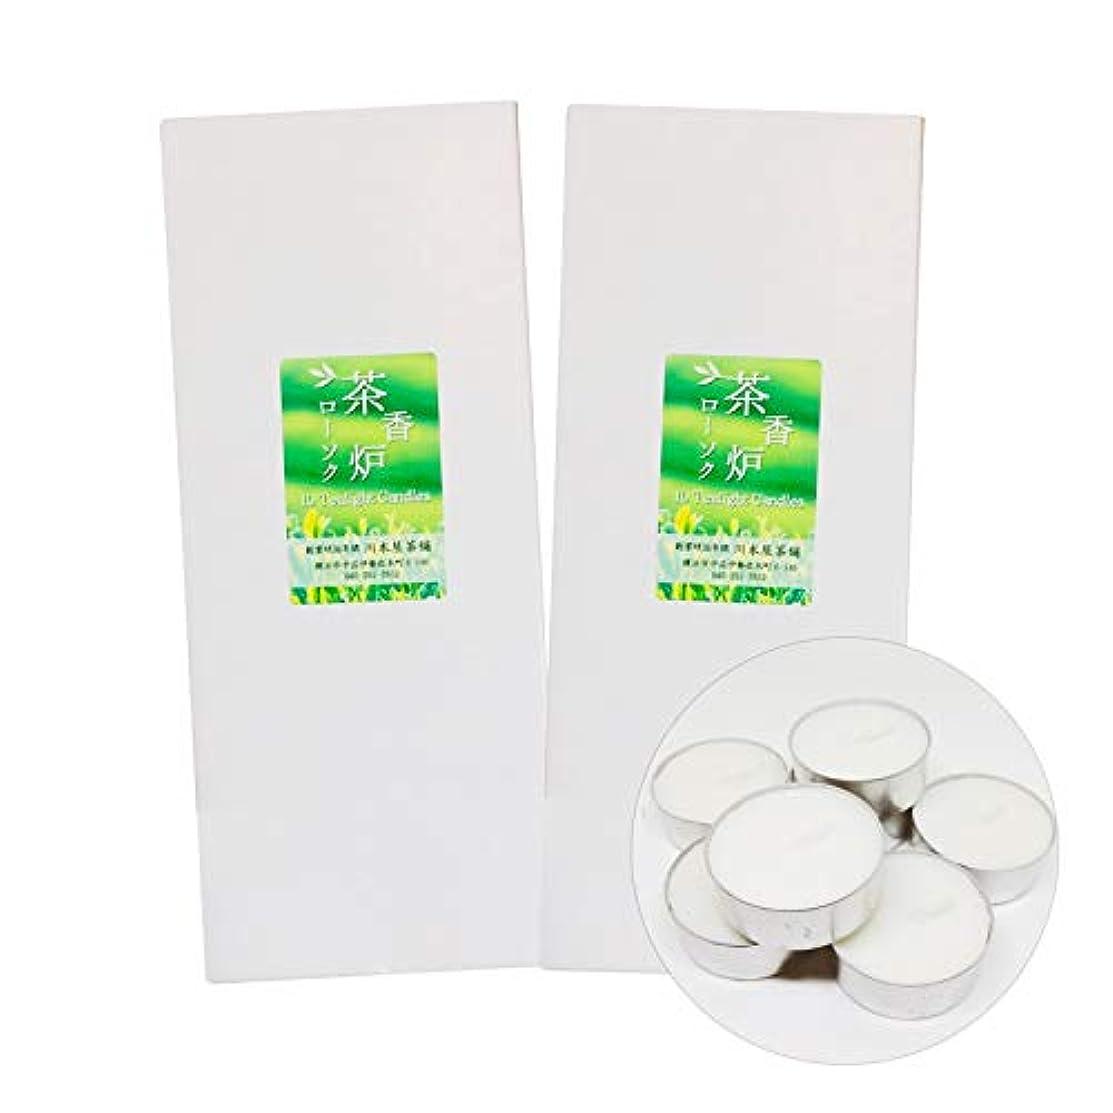 麻痺パターン粒子茶香炉専用 ろうそく キャンドル 10個入り 川本屋茶舗 (2箱)